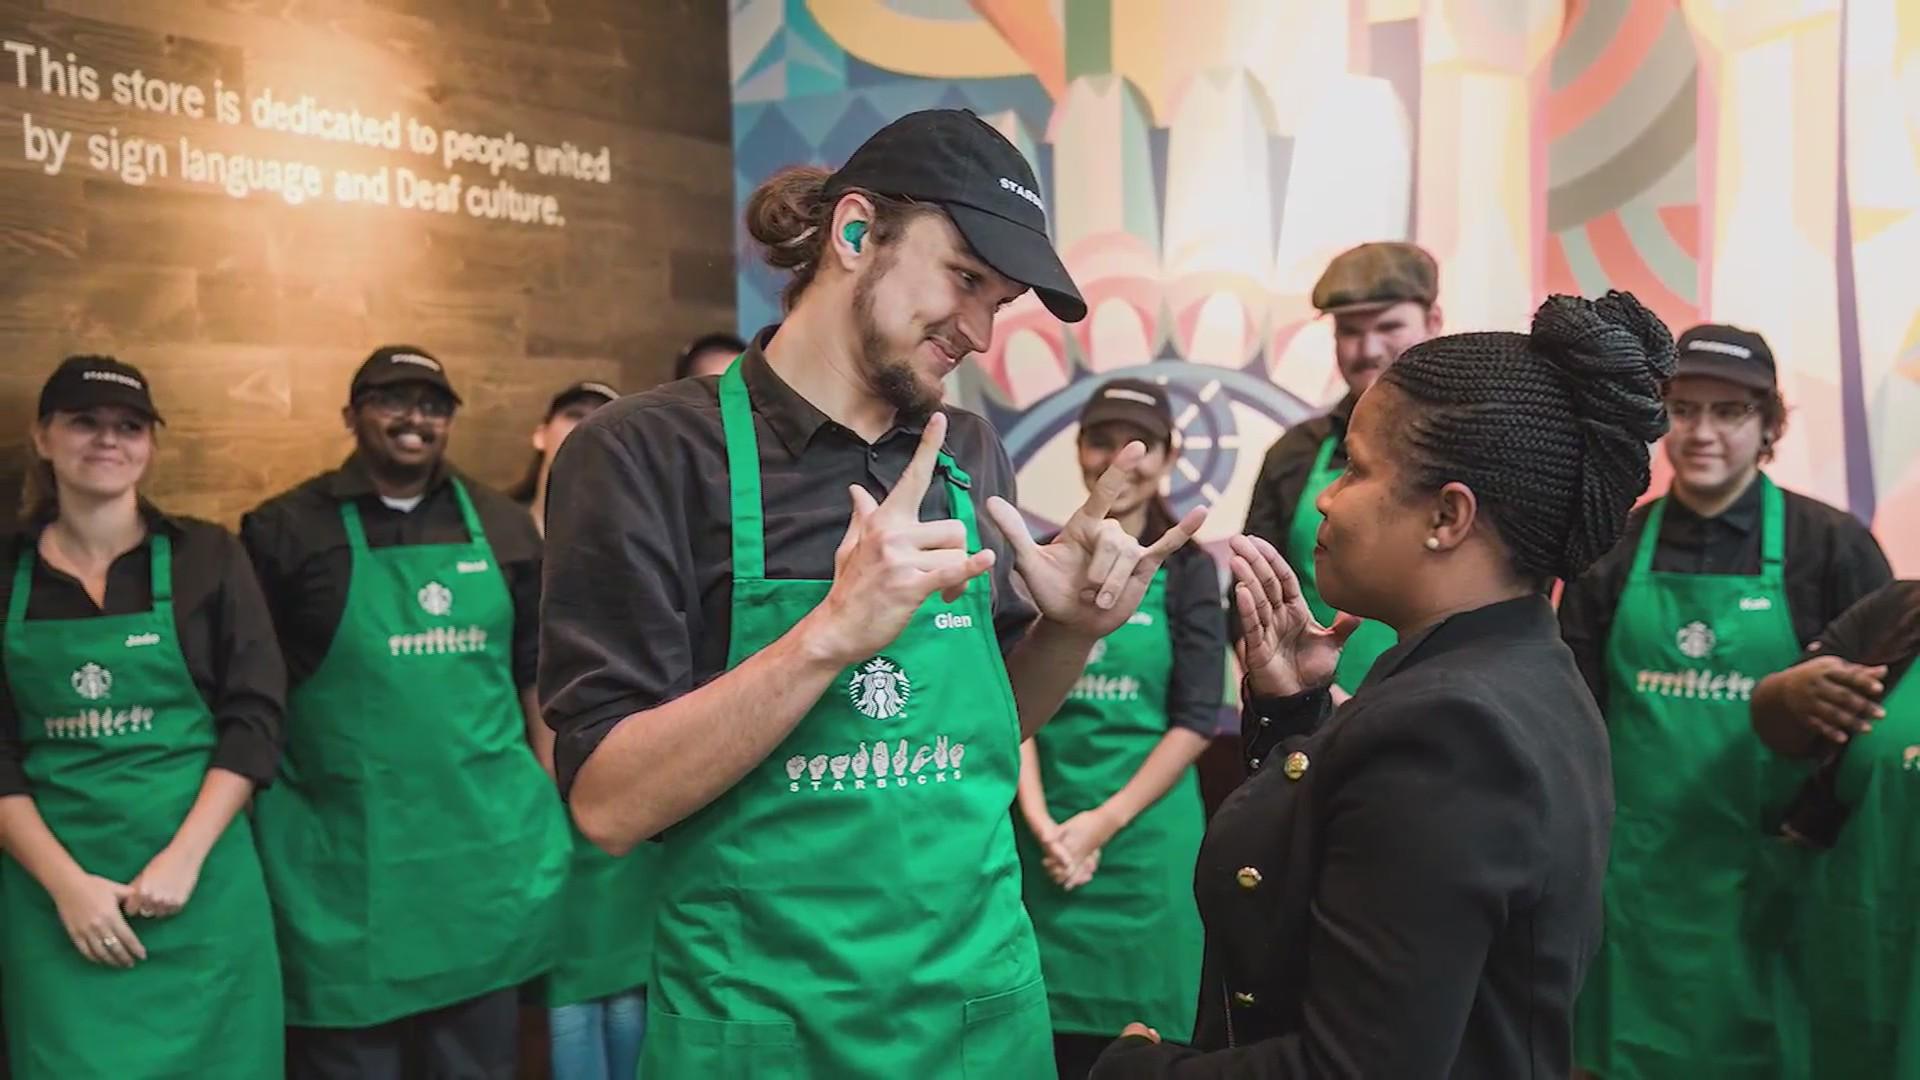 ASL_Starbucks_0_20181024162238